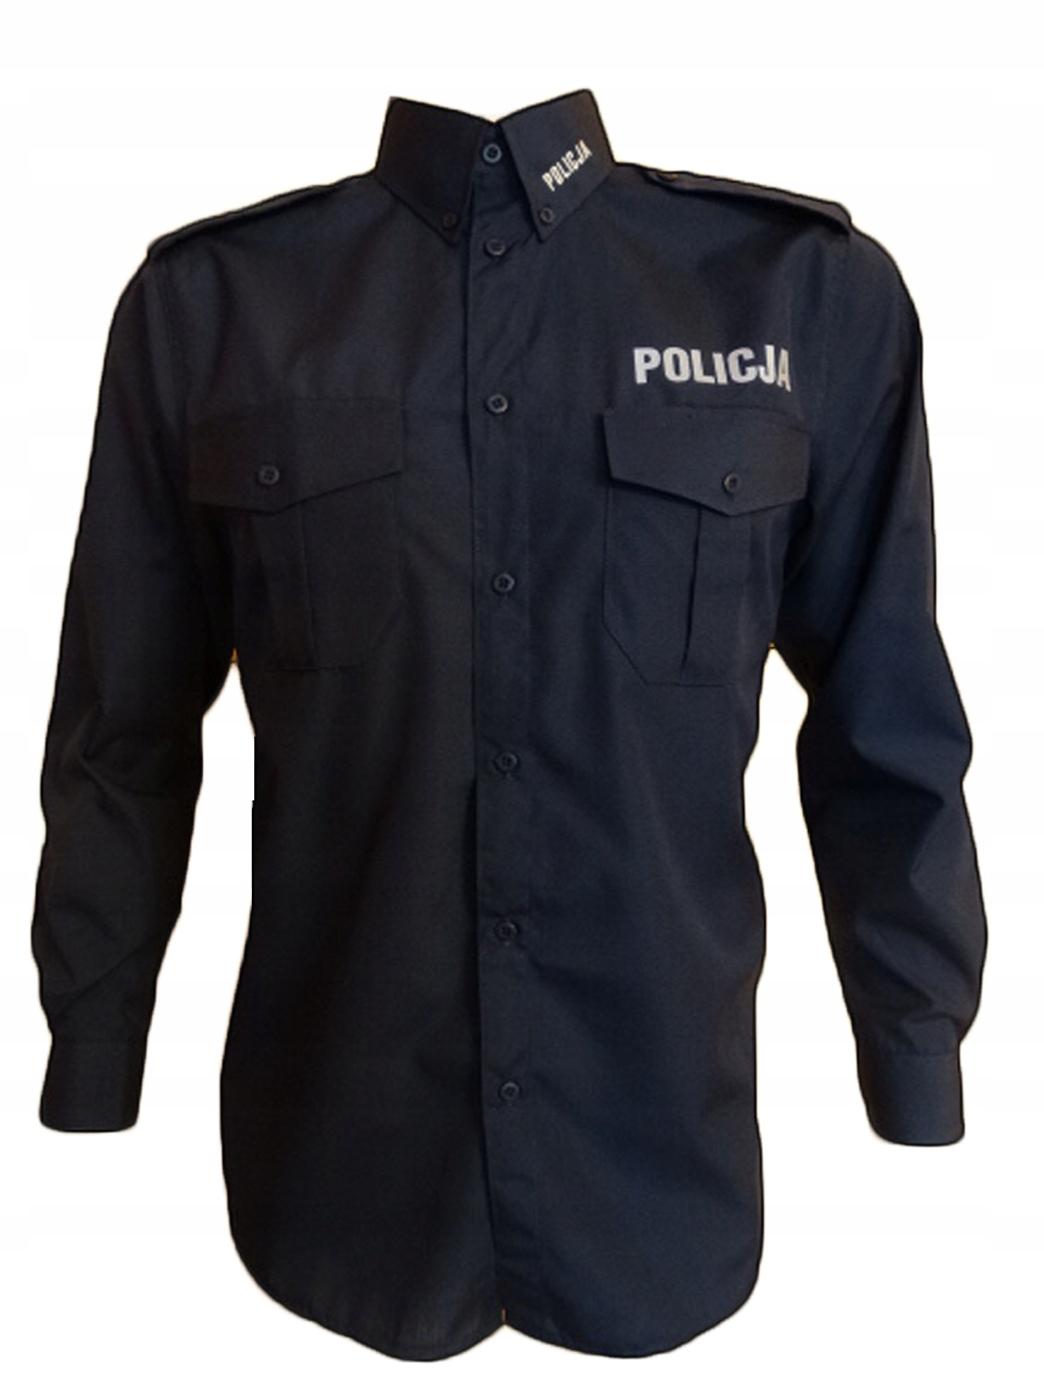 Рубашка полицейская для мужчин - размеры с длинным рукавом